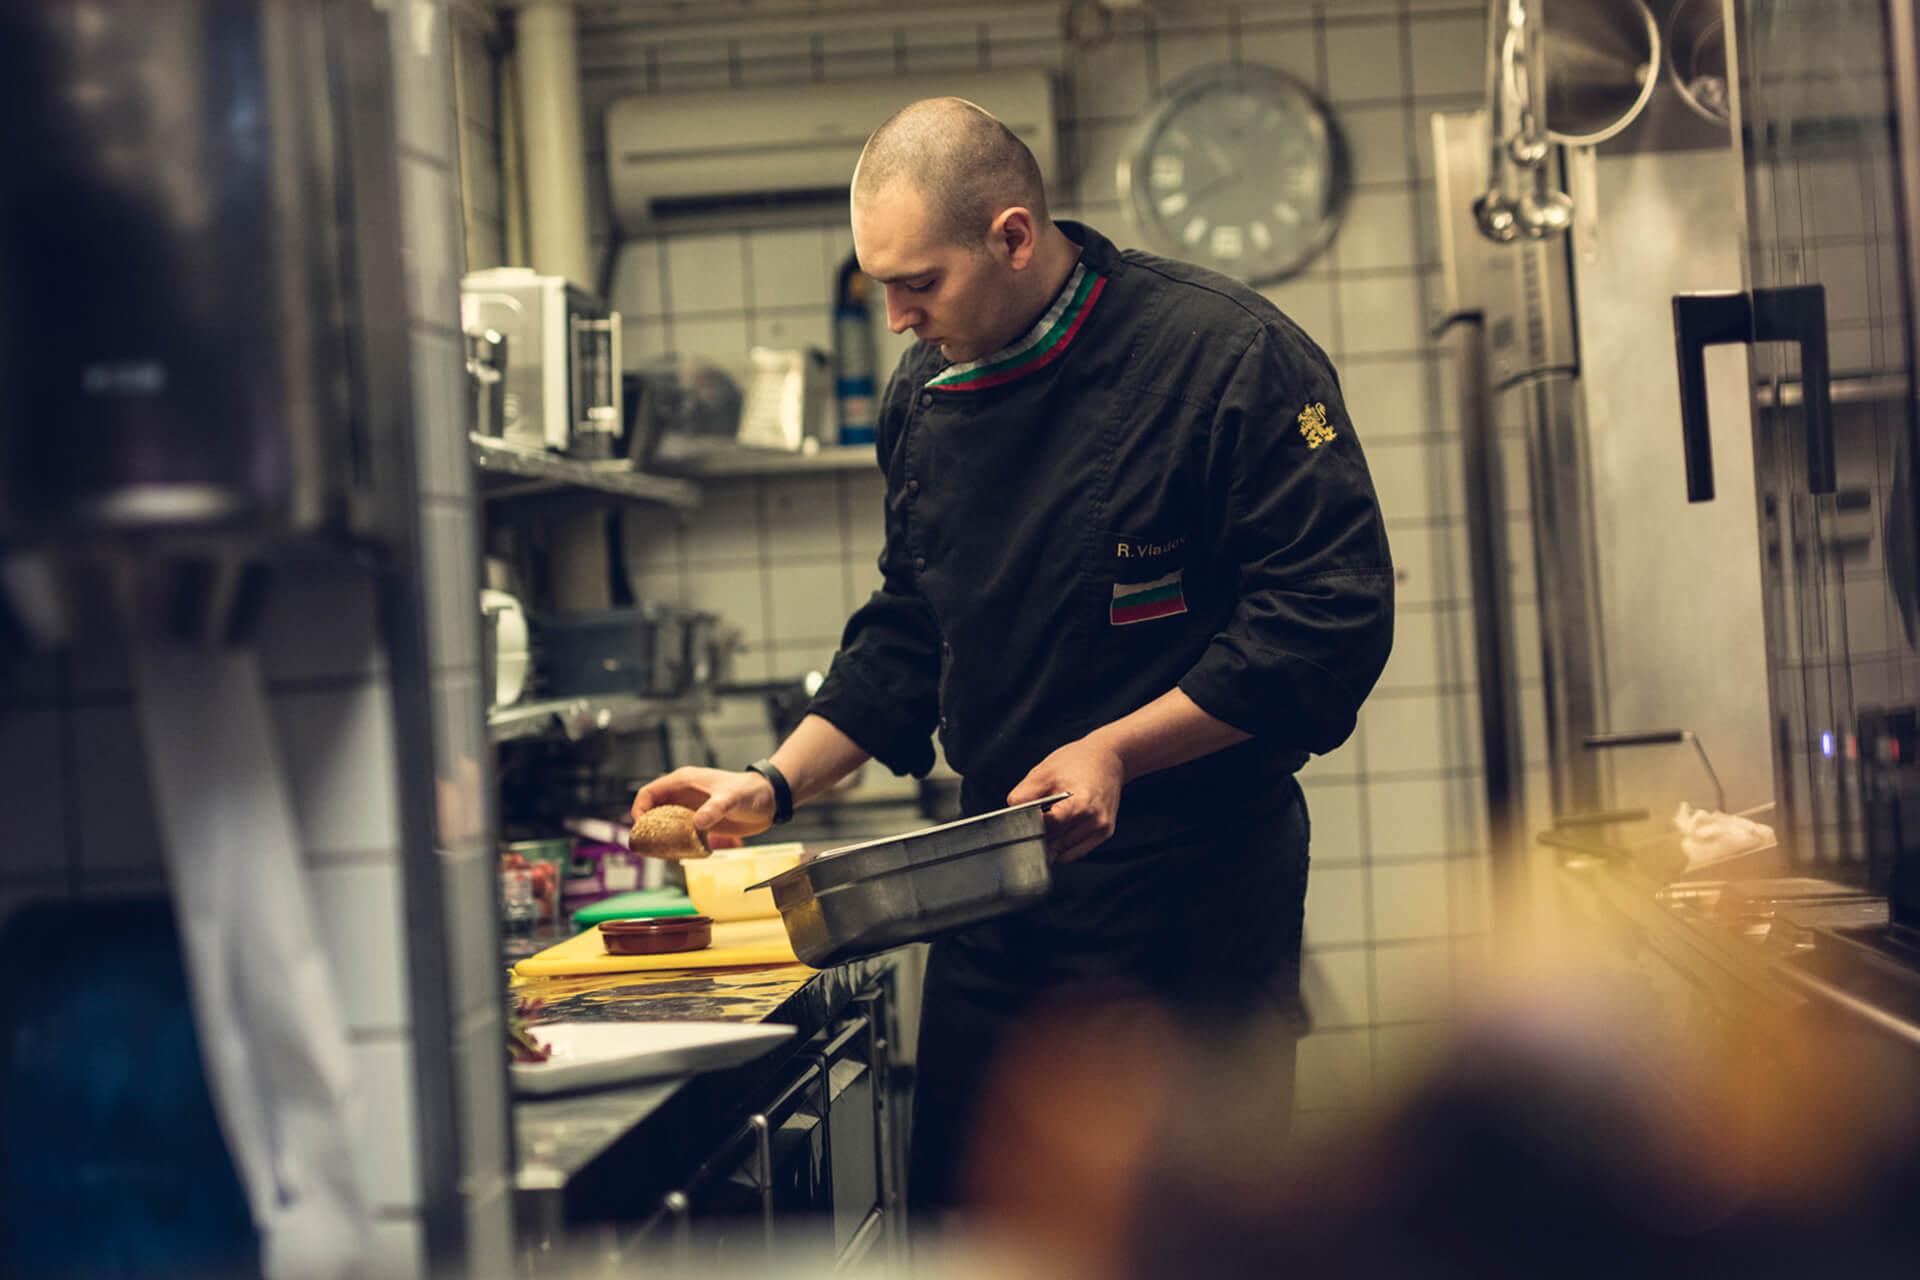 Mat Venner Restaurant på Grønlands Torg